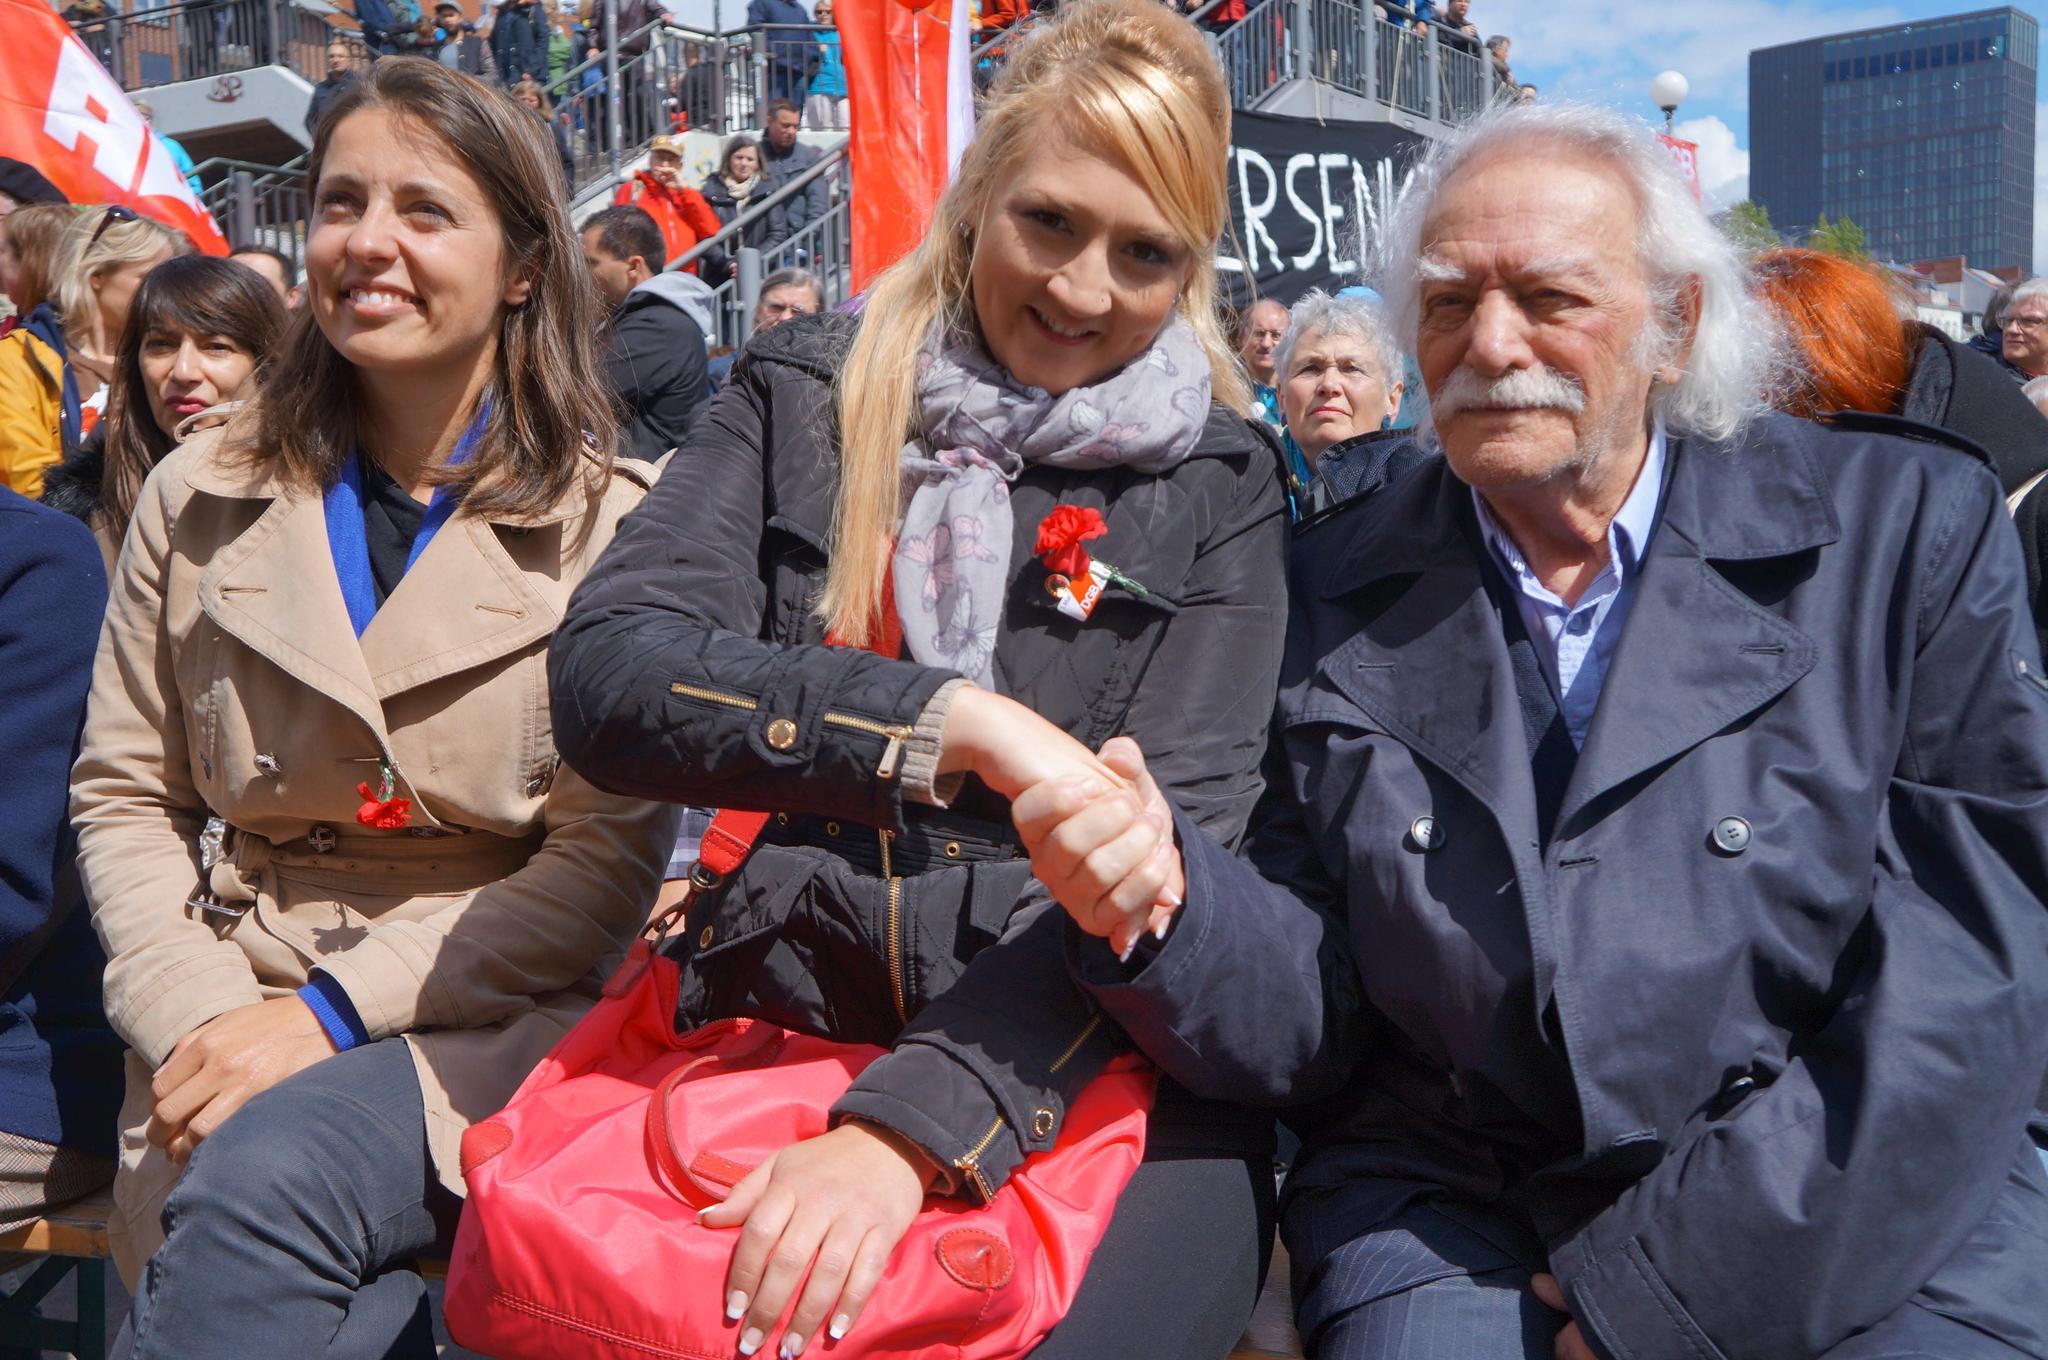 Unsere drei Rednerinnen neben katja Karger (v.l.): Sophie Binet, Stefanie Holtz, Manolis Glezos